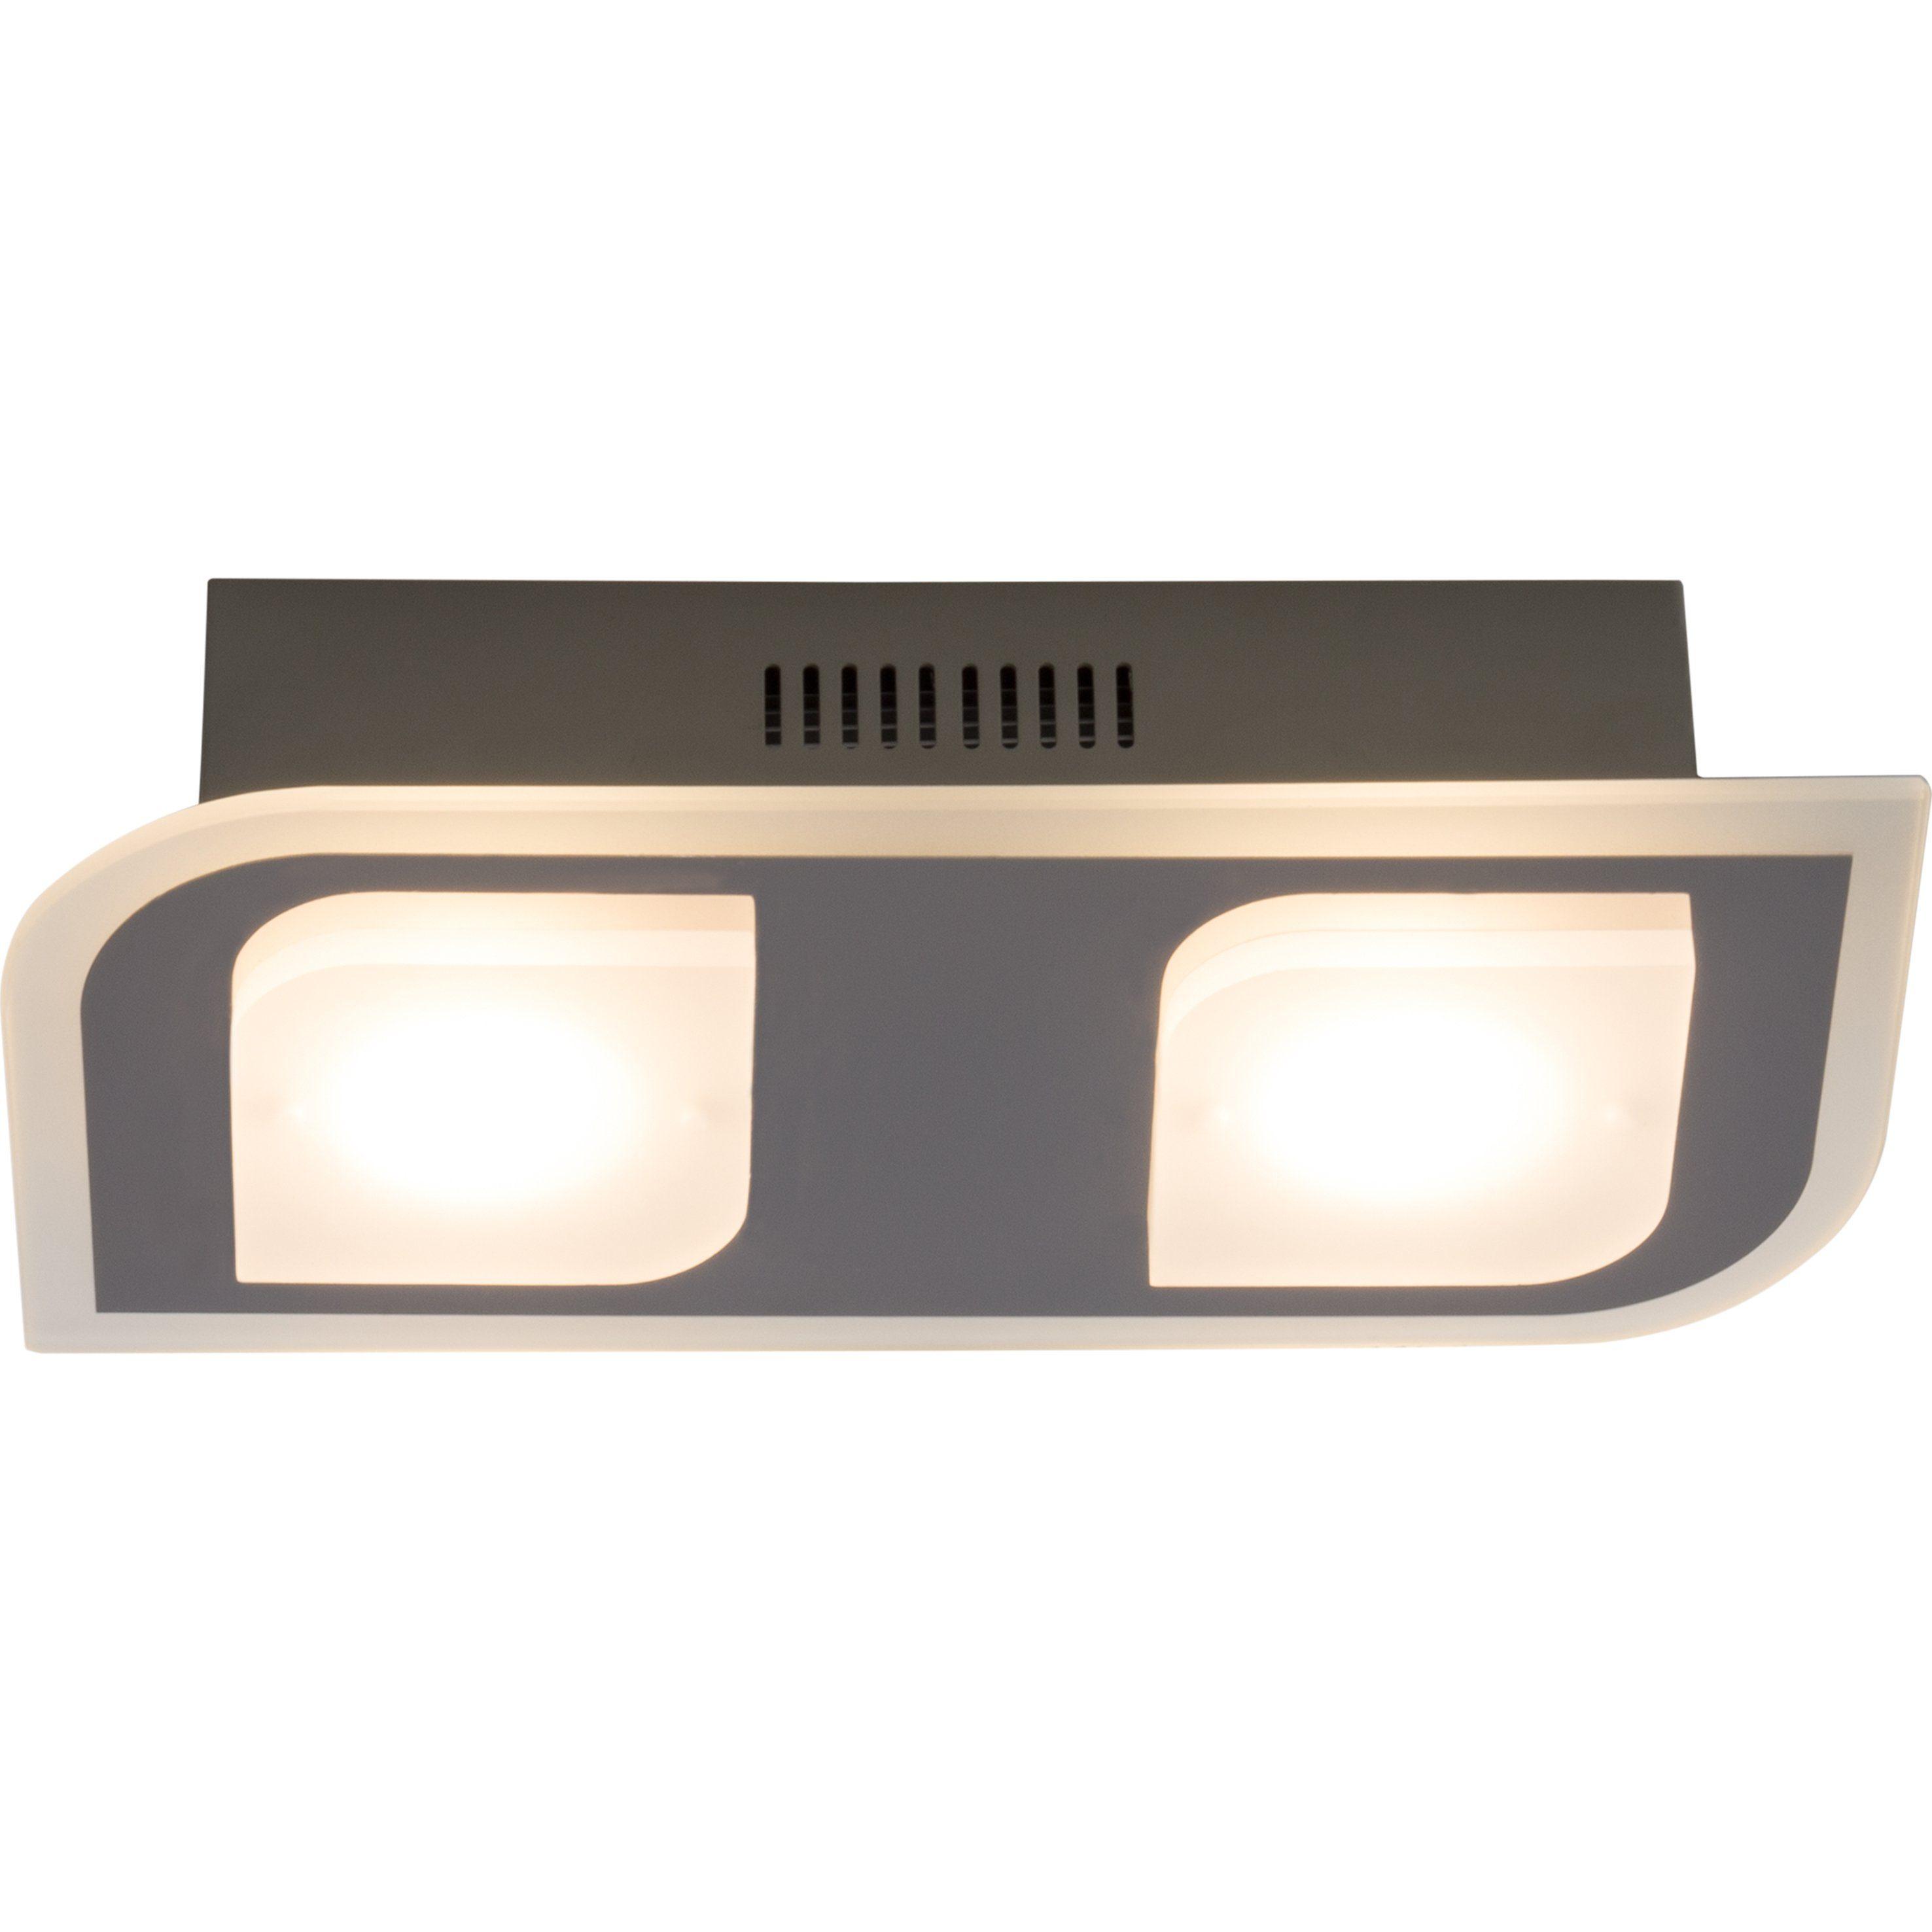 Brilliant Leuchten Formular LED Deckenleuchte, 2-flammig chrom IP44